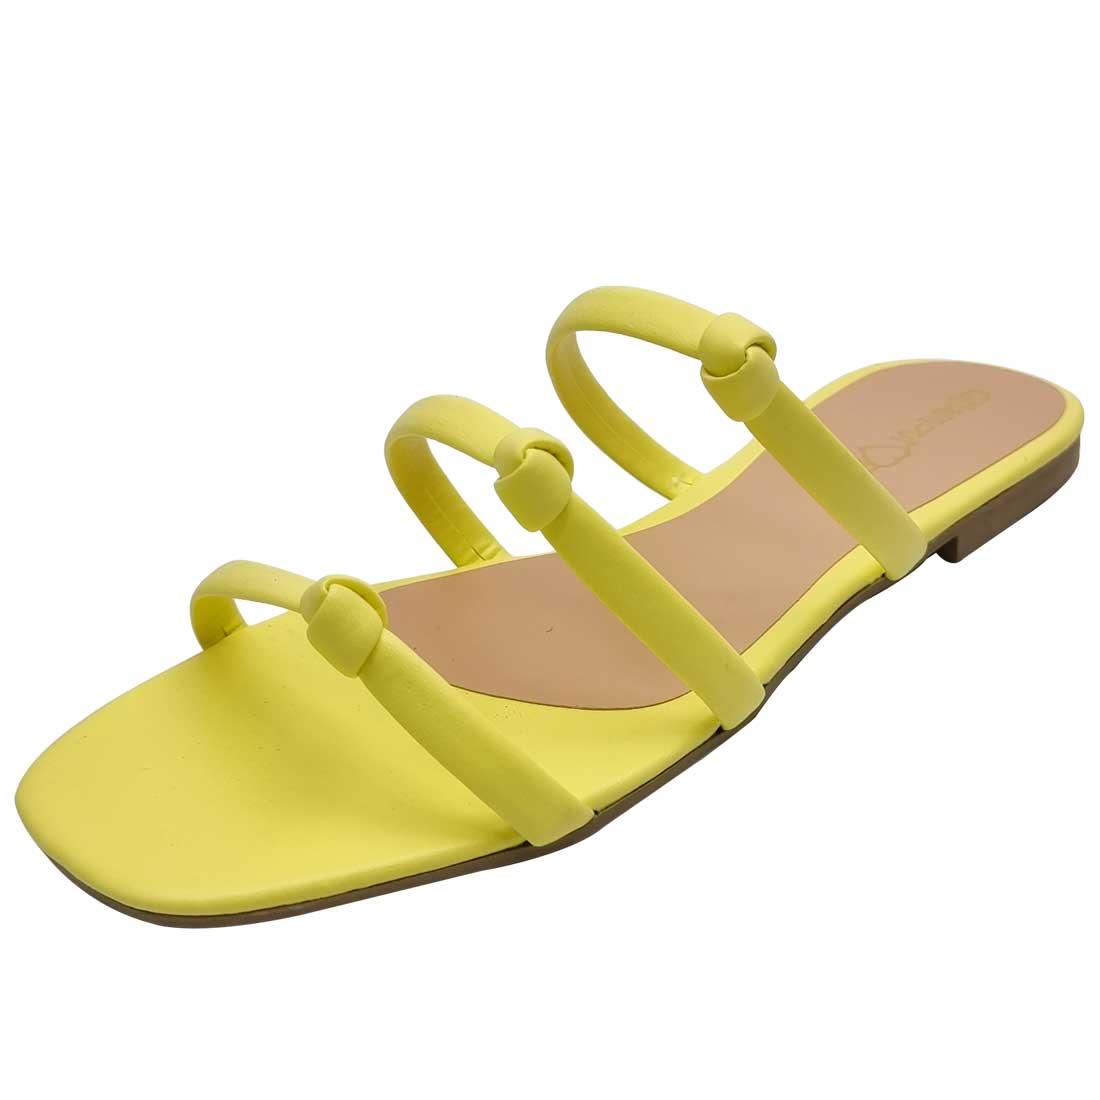 Sandália Salto Baixo com Tiras Nózinho - Amarelo